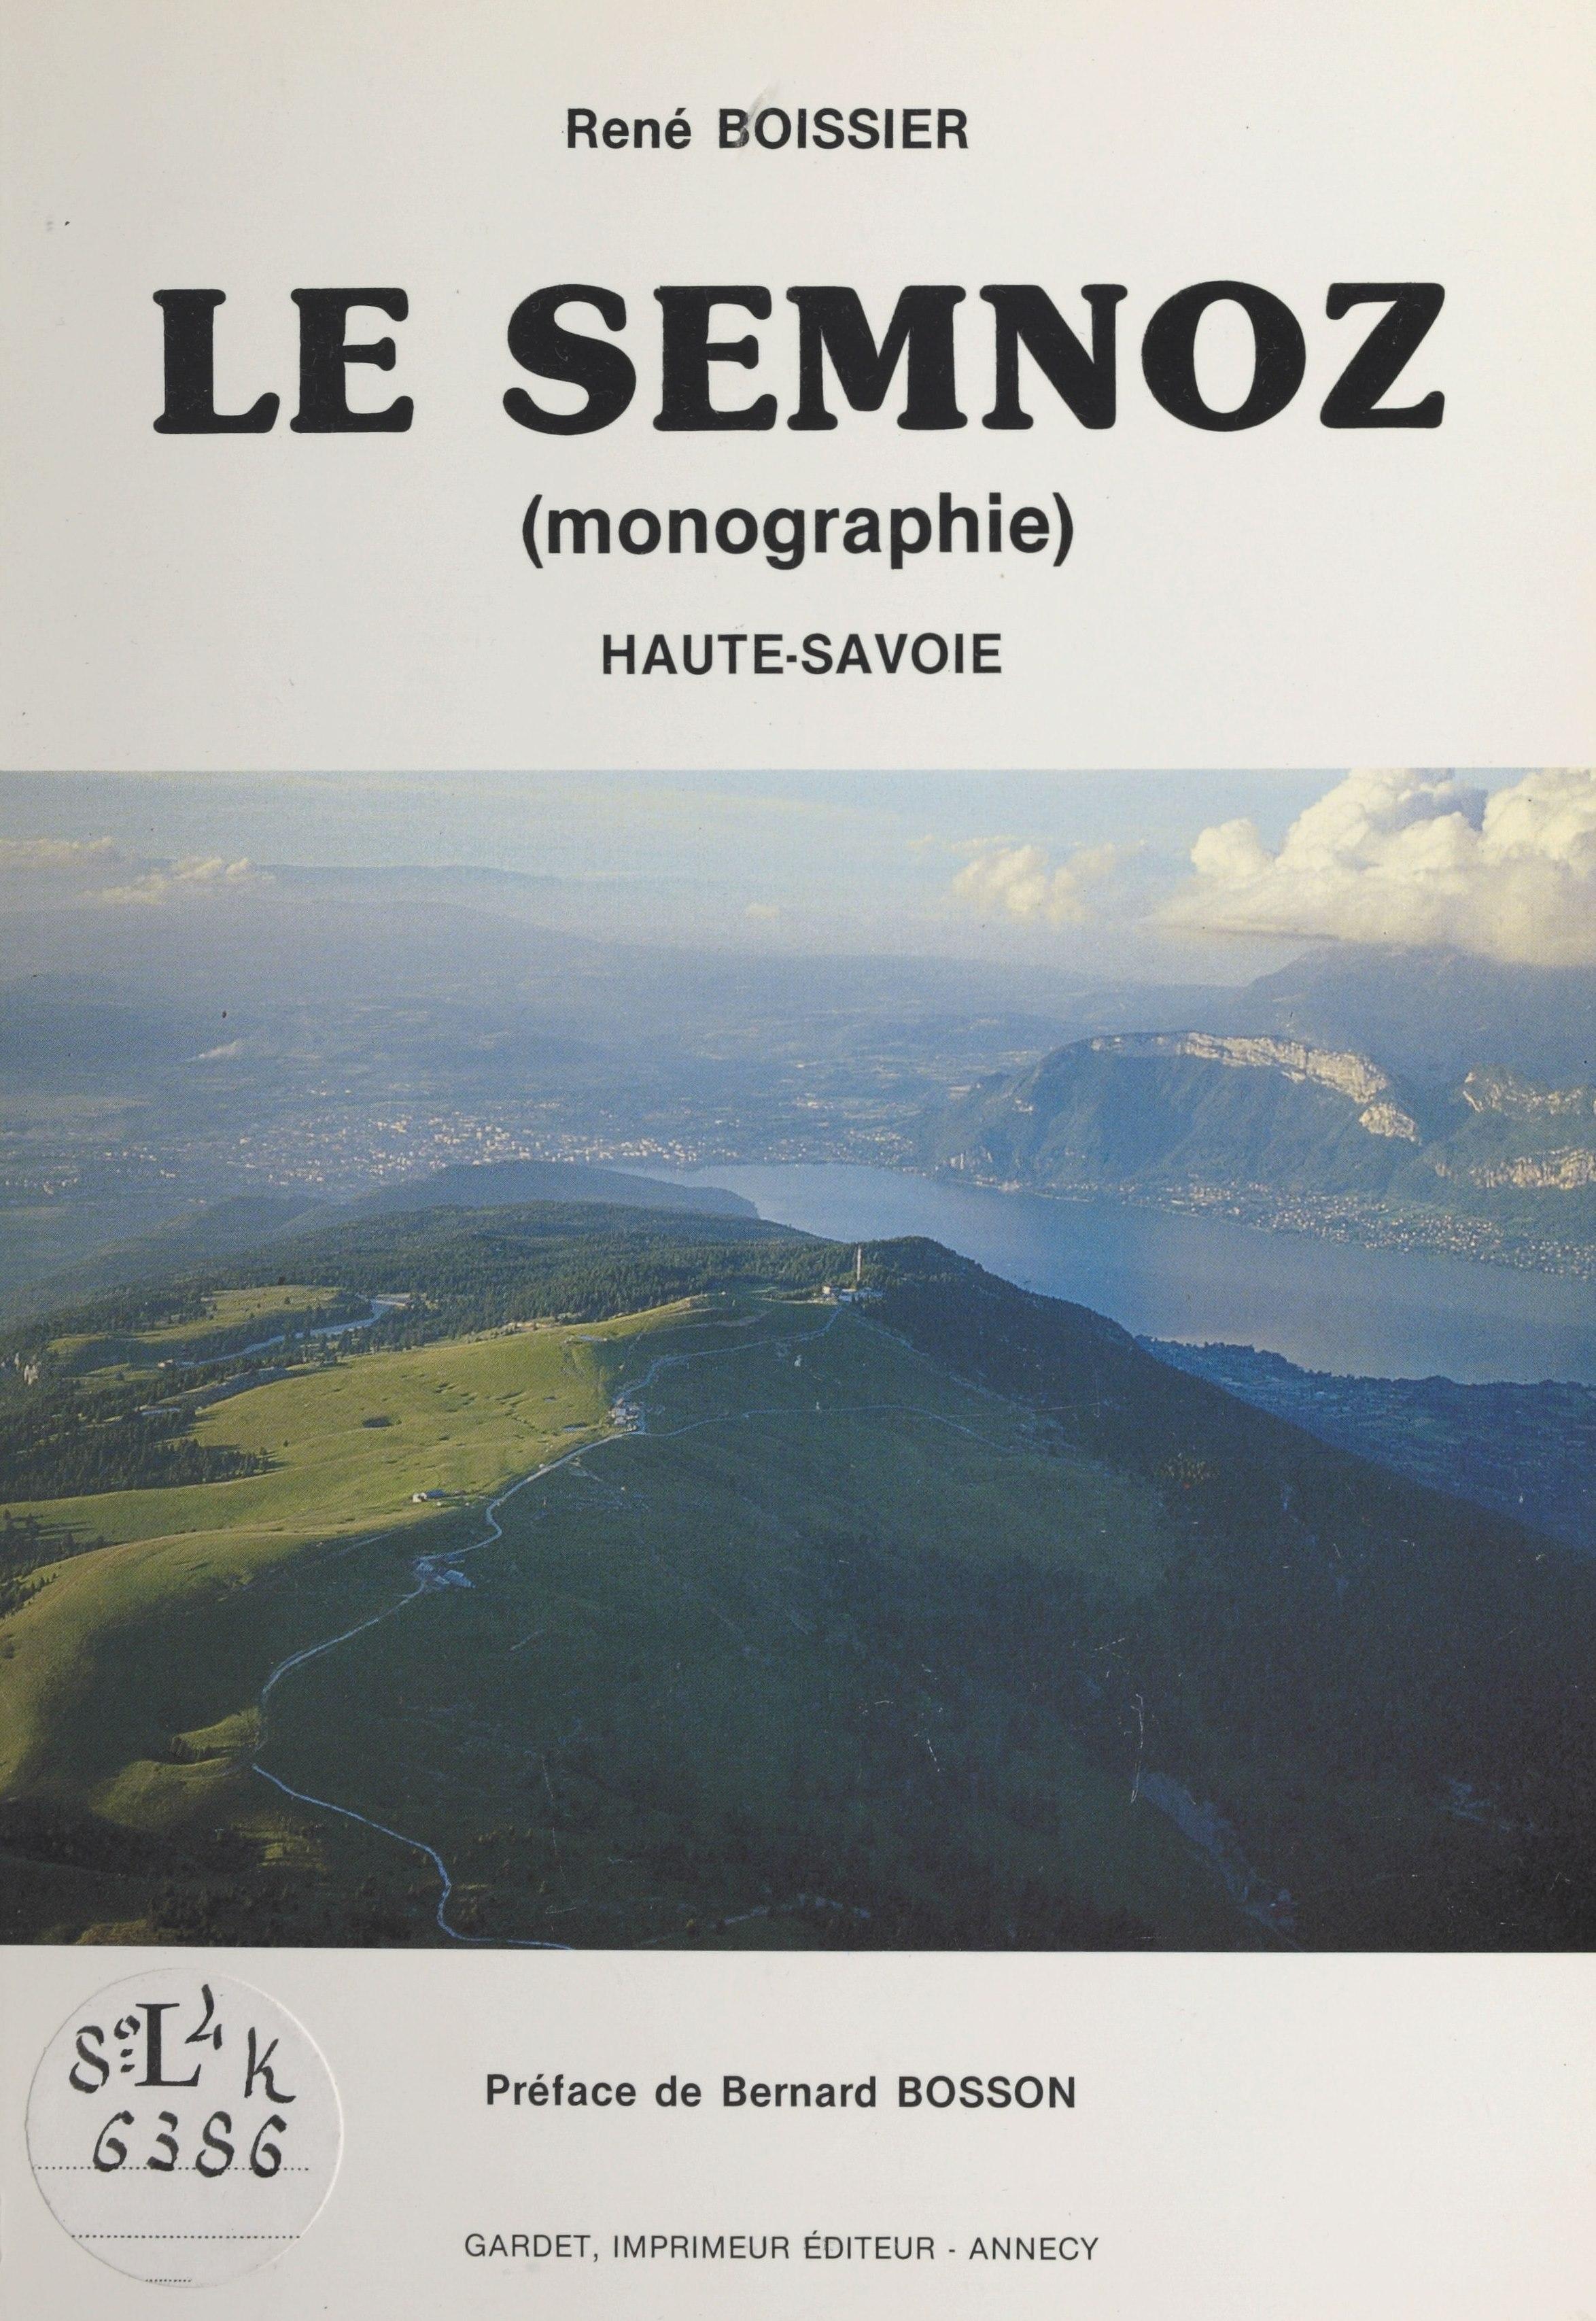 Le Semnoz (monographie) : Haute-Savoie